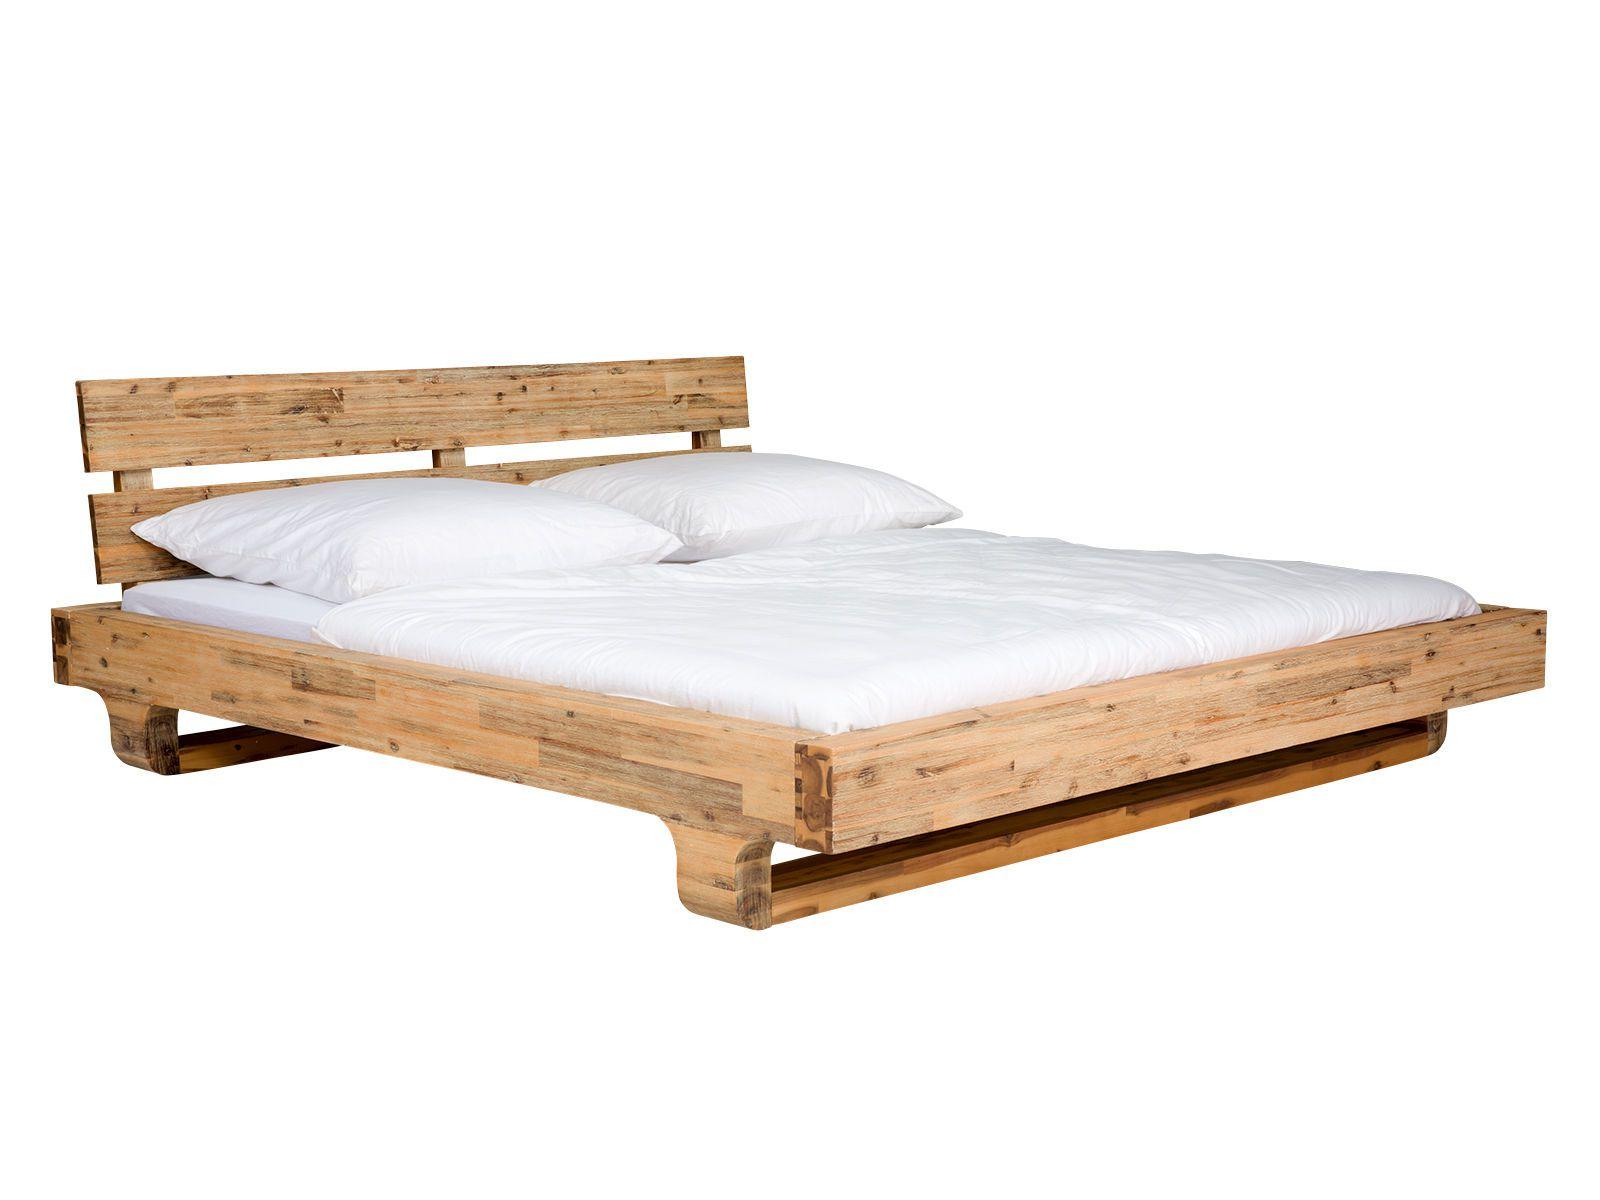 Full Size of Bett Skandinavisch Nordisch Einrichten Scandi Chic Deko Mbel Massivum 90x200 Mit Lattenrost Und Matratze 2x2m Balken Bettkasten Ohne Füße 120x200 Weiß Antik Bett Bett Skandinavisch